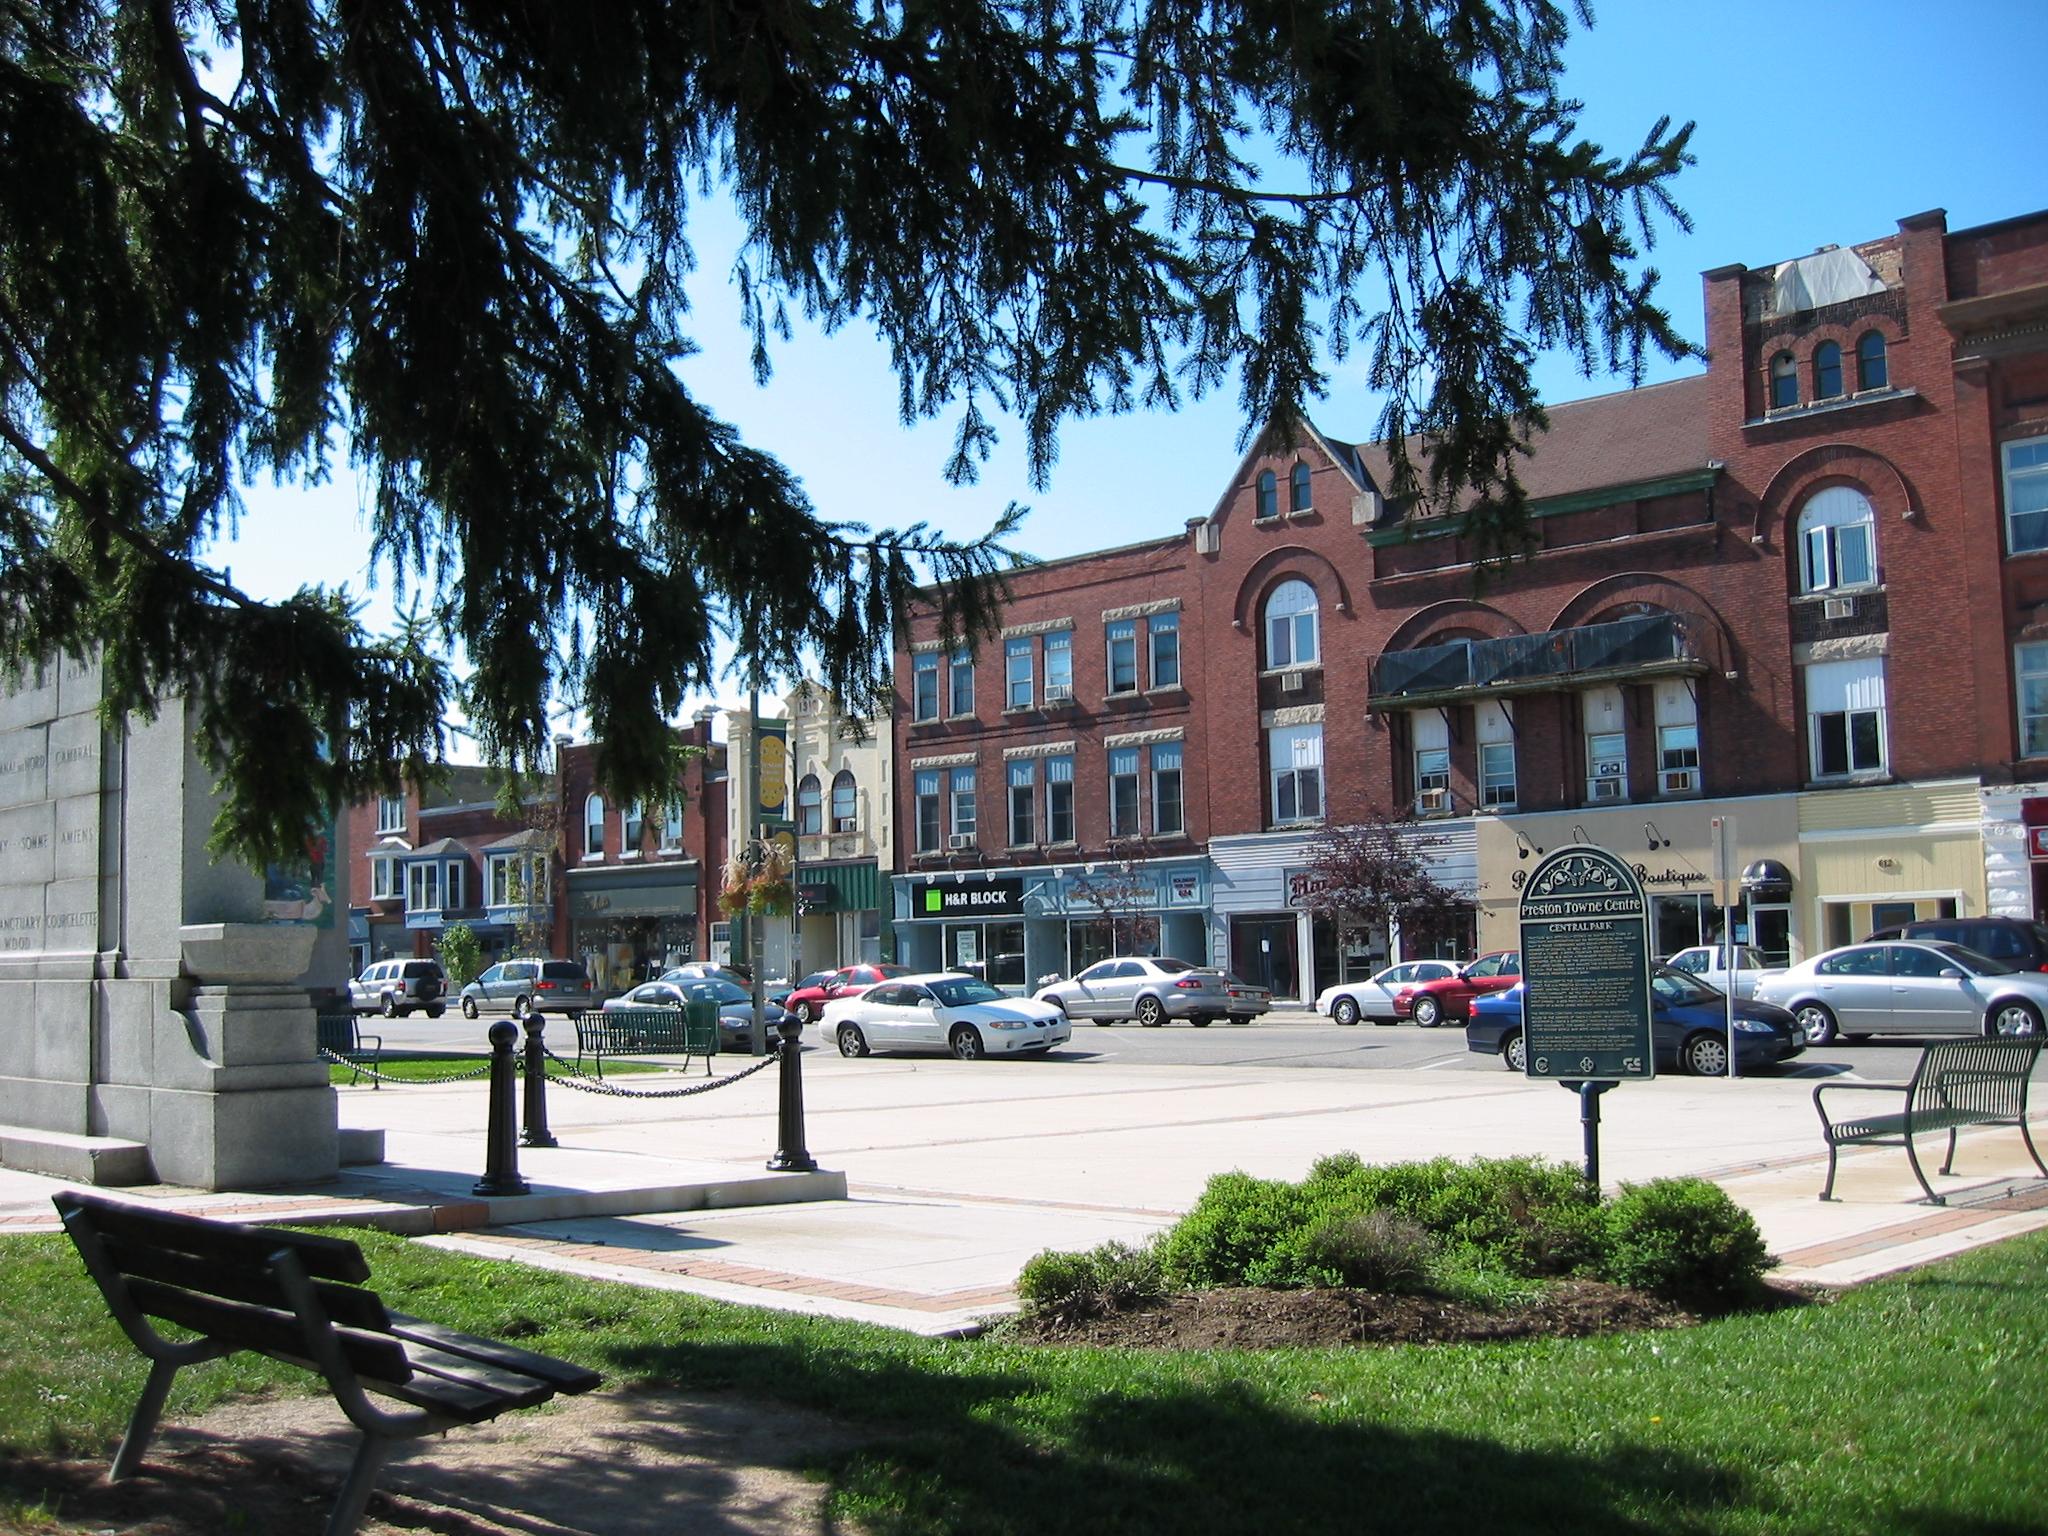 picture of core area streetscape